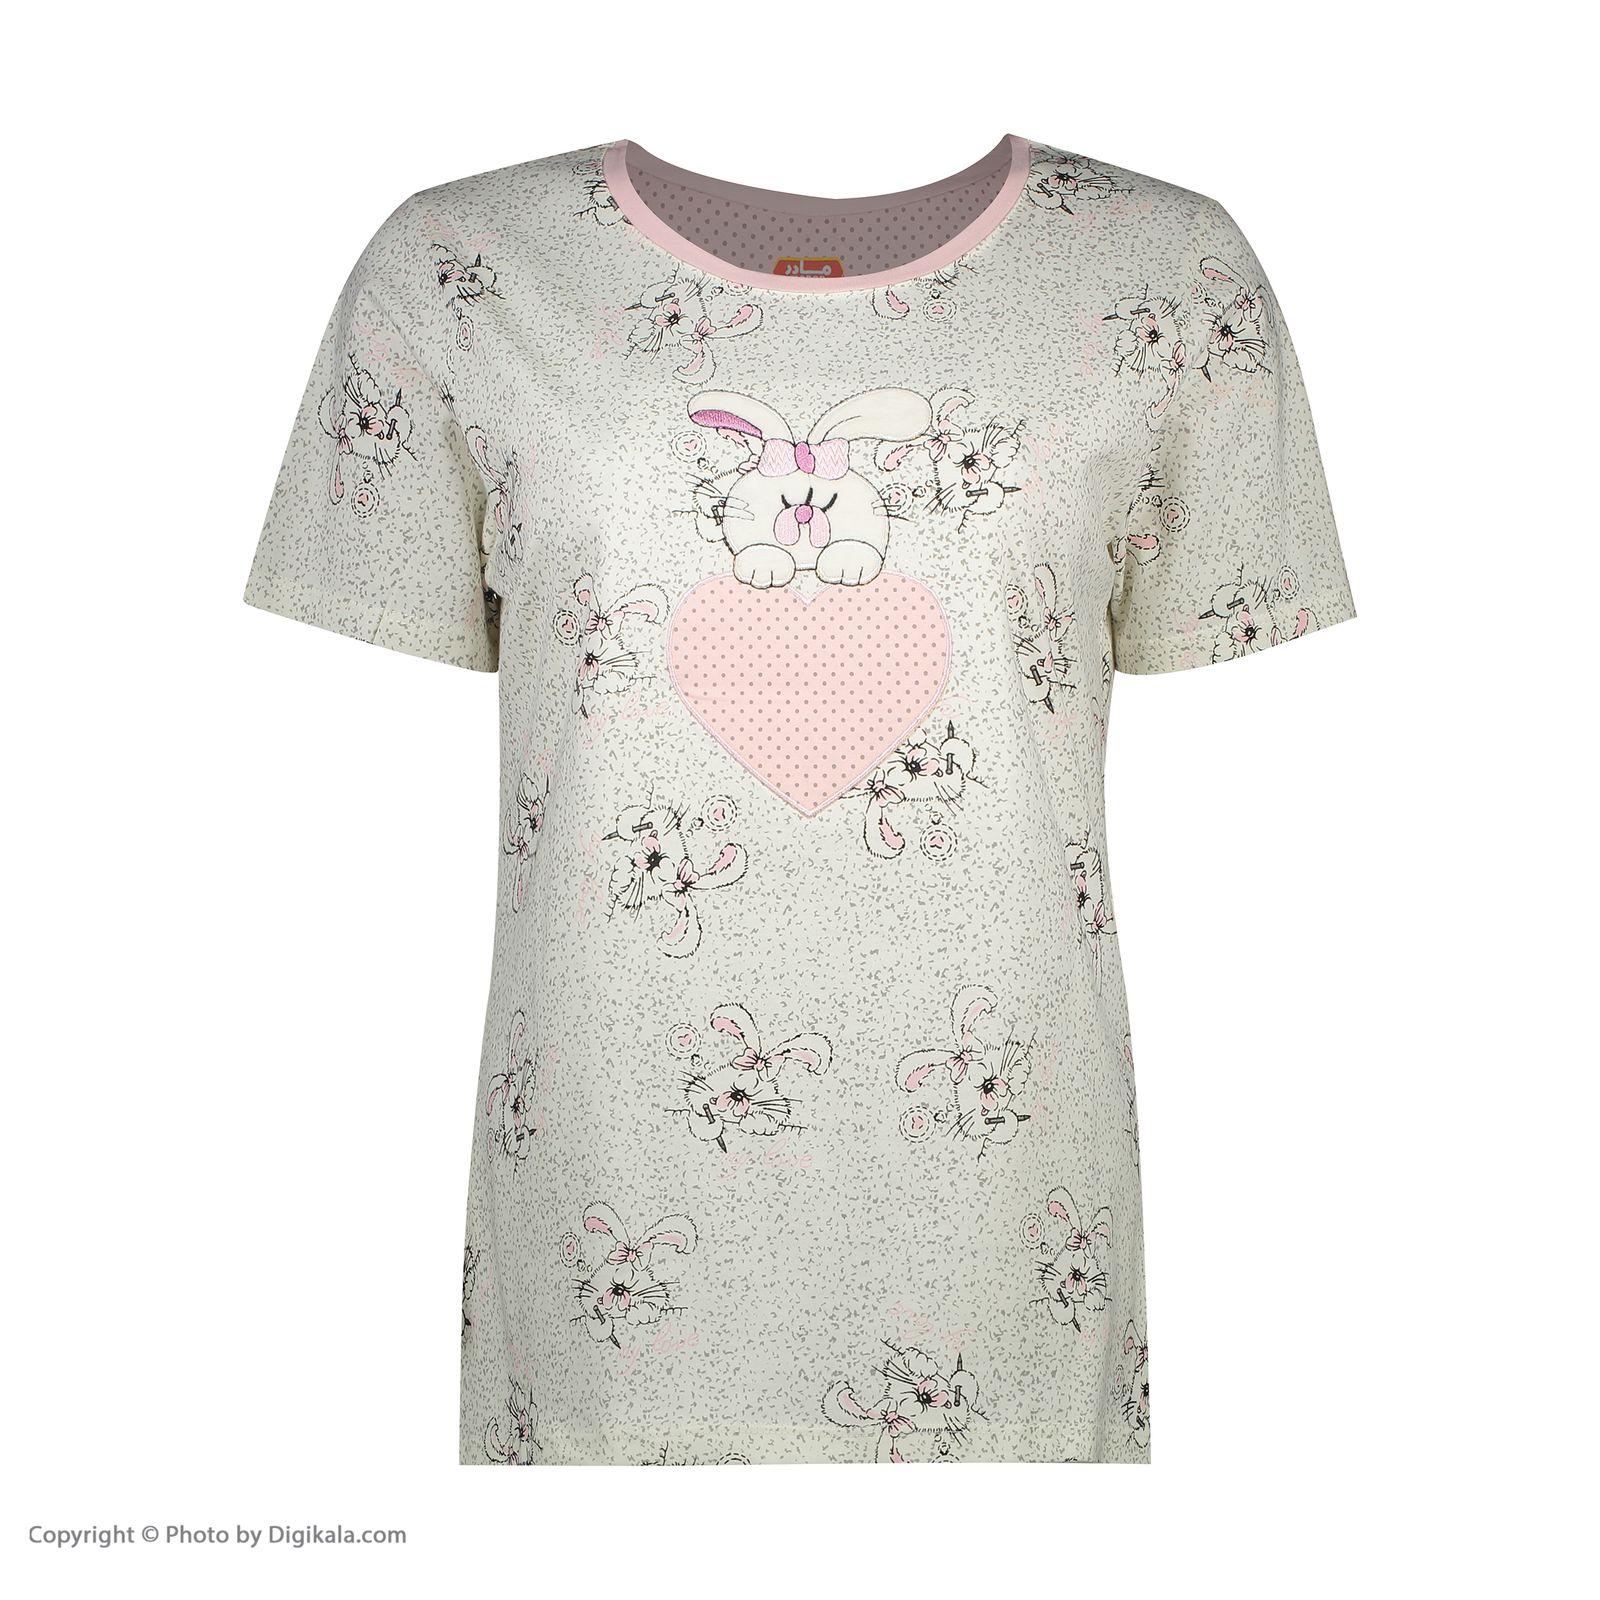 ست تی شرت و شلوارک راحتی زنانه مادر مدل 2041105-84 -  - 4